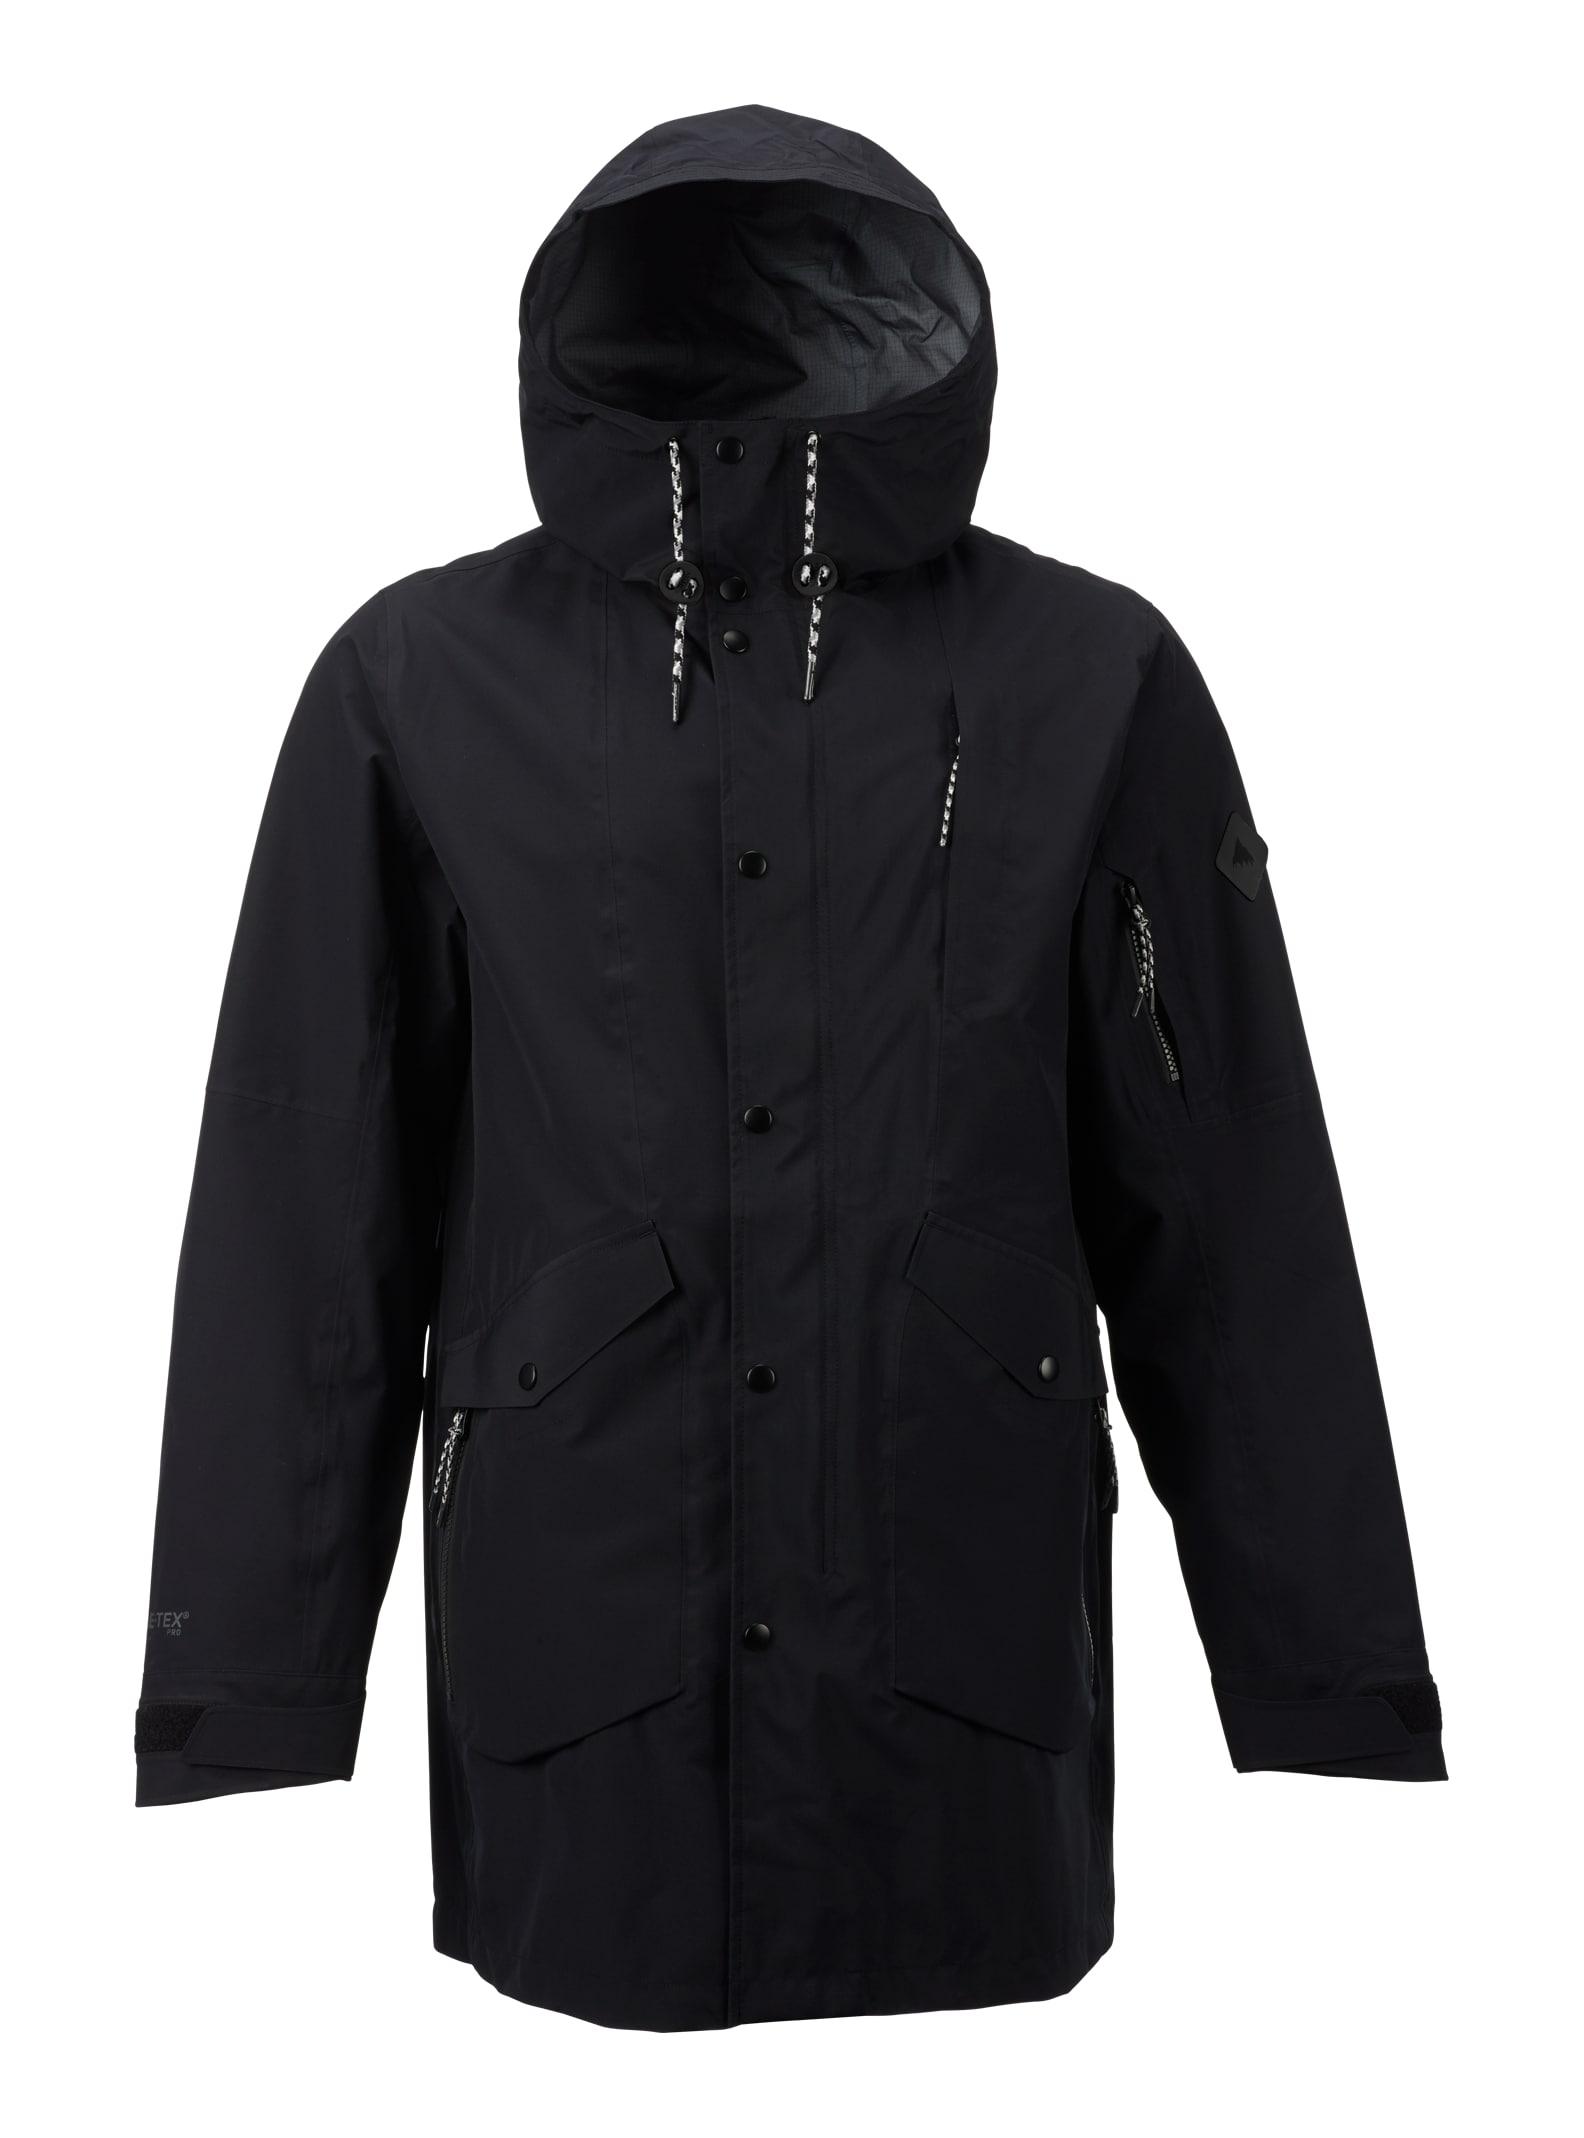 Burton GORE-TEX® 3L B-17 3L Regenjacke angezeigt in True Black